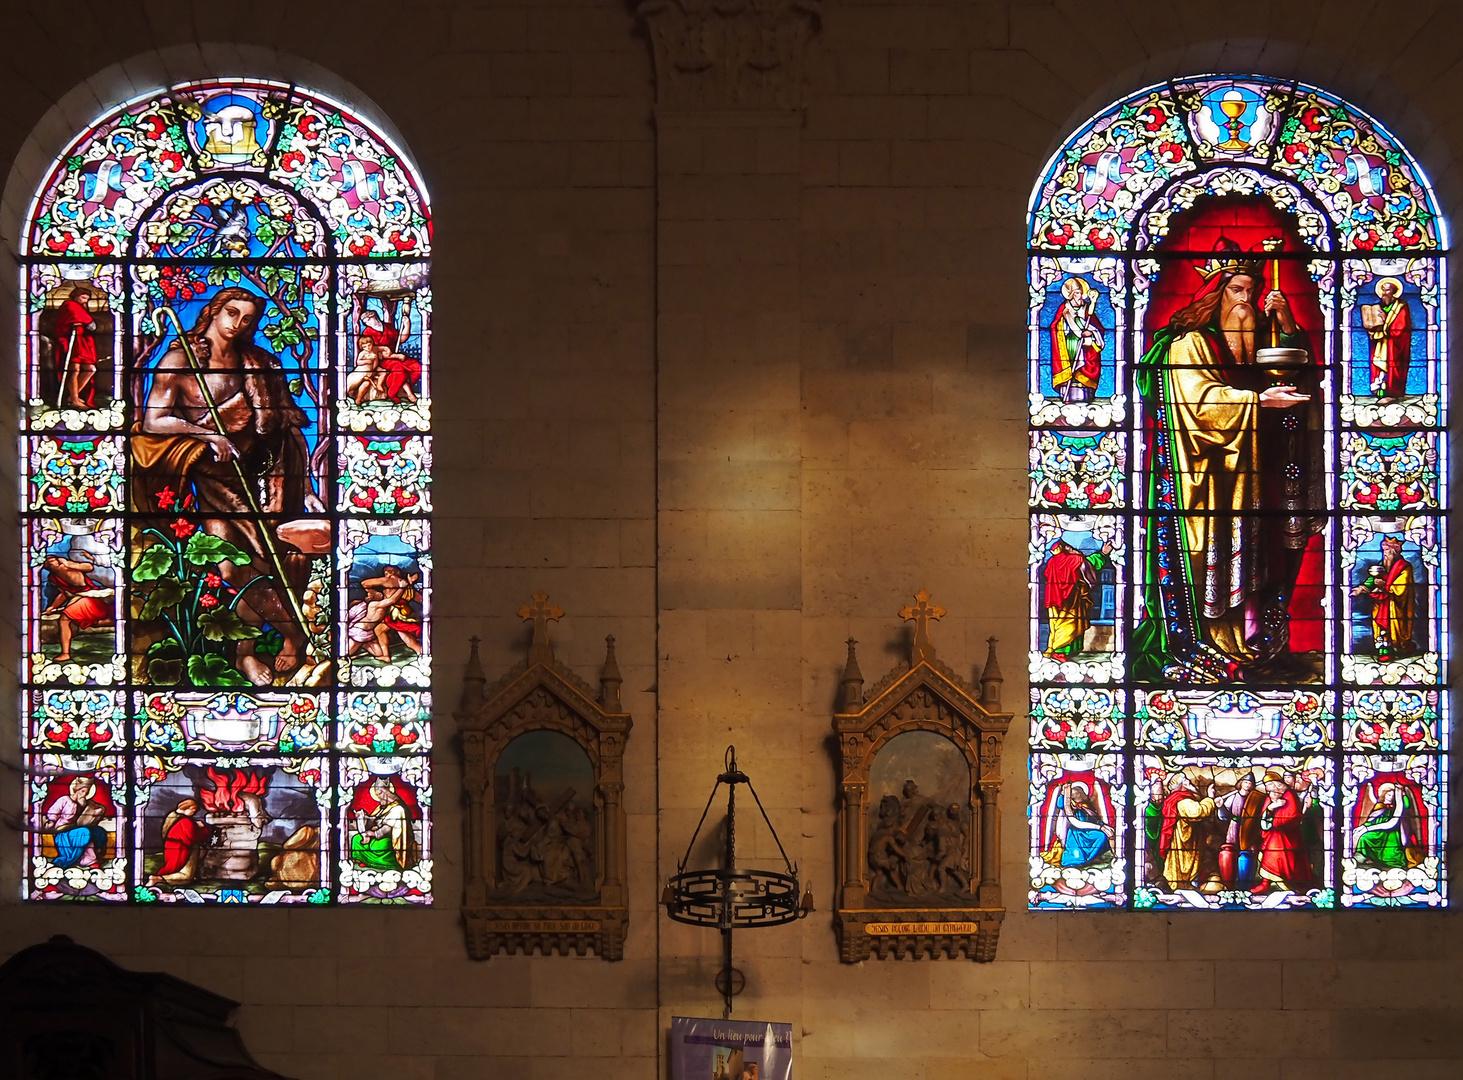 Vitraux de l'Eglise Saint-Nicolas de Nérac (Joseph Villiet - 1856)